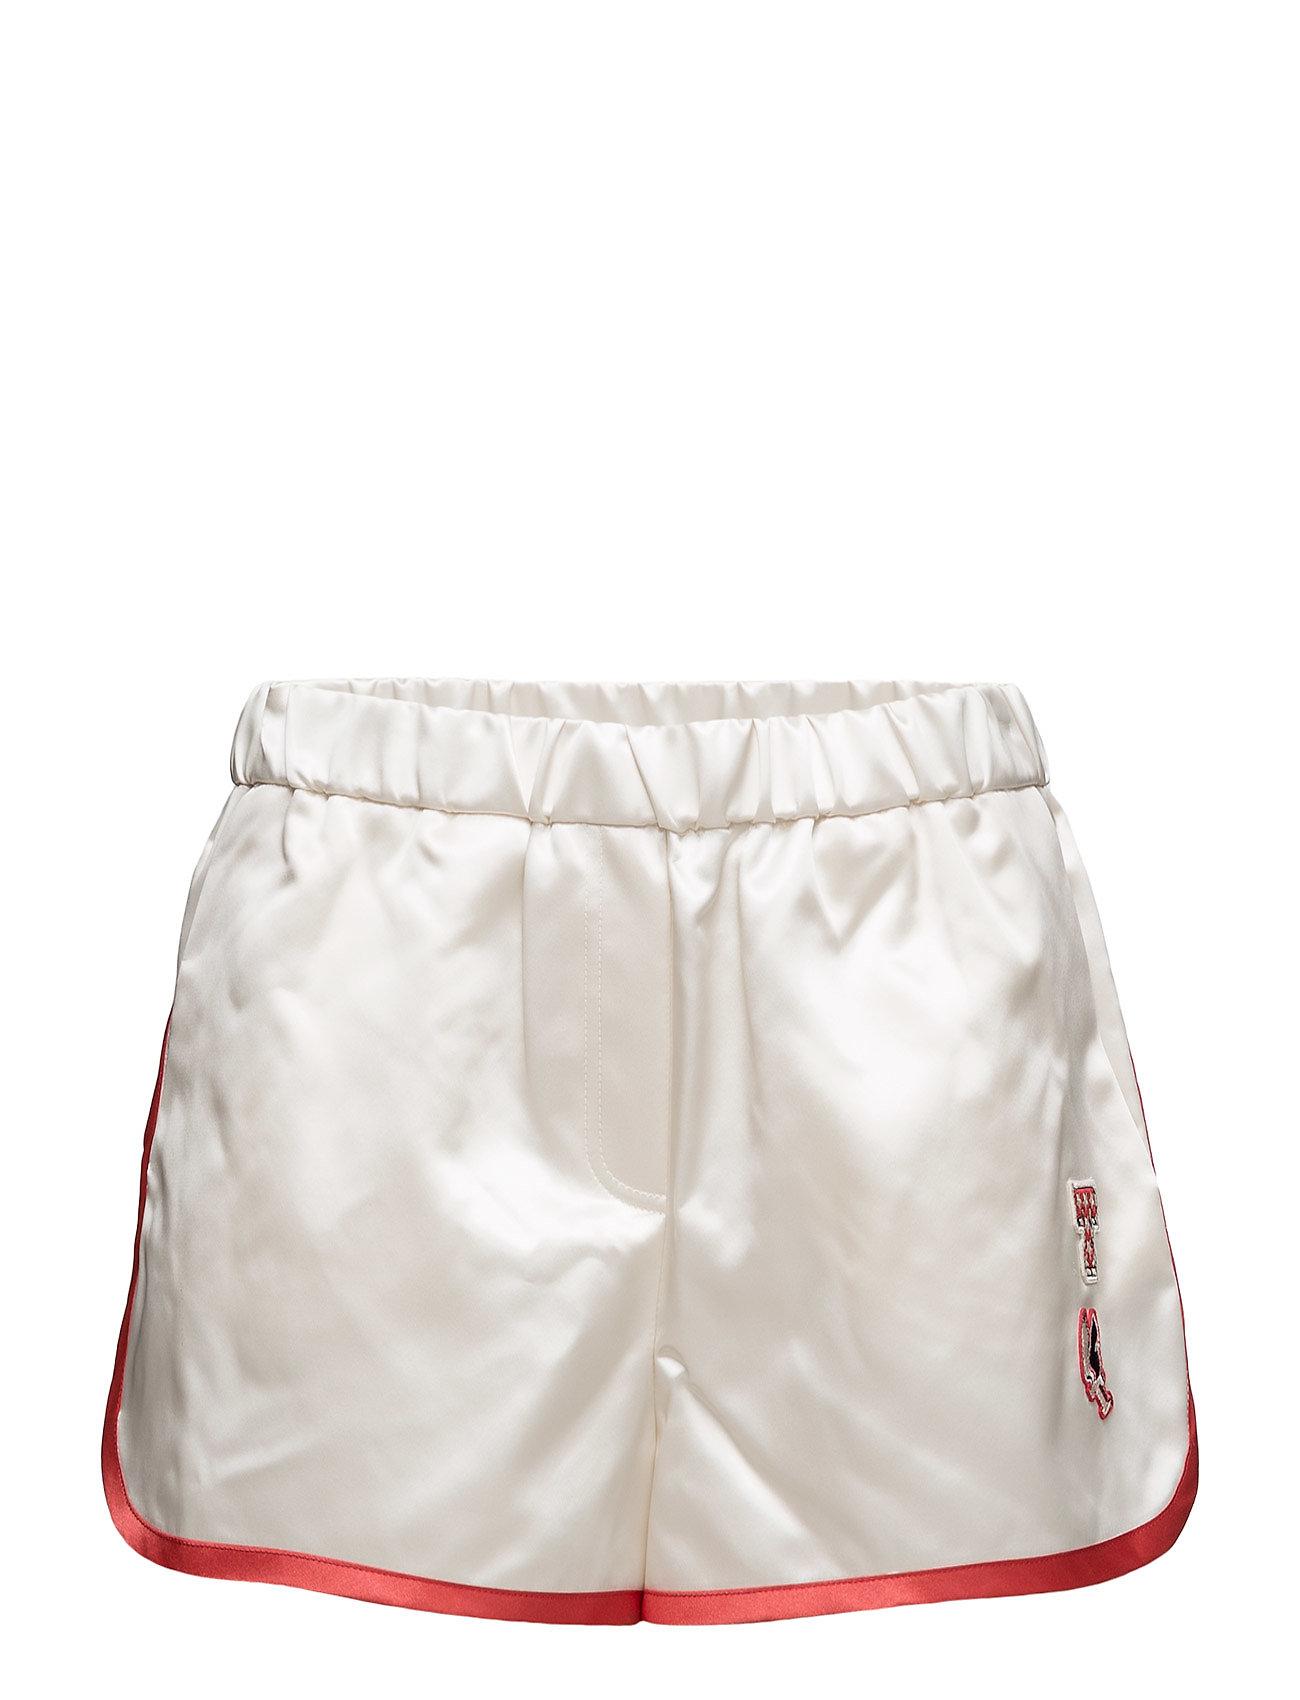 Basketball Short Hilfiger Collection Shorts til Kvinder i